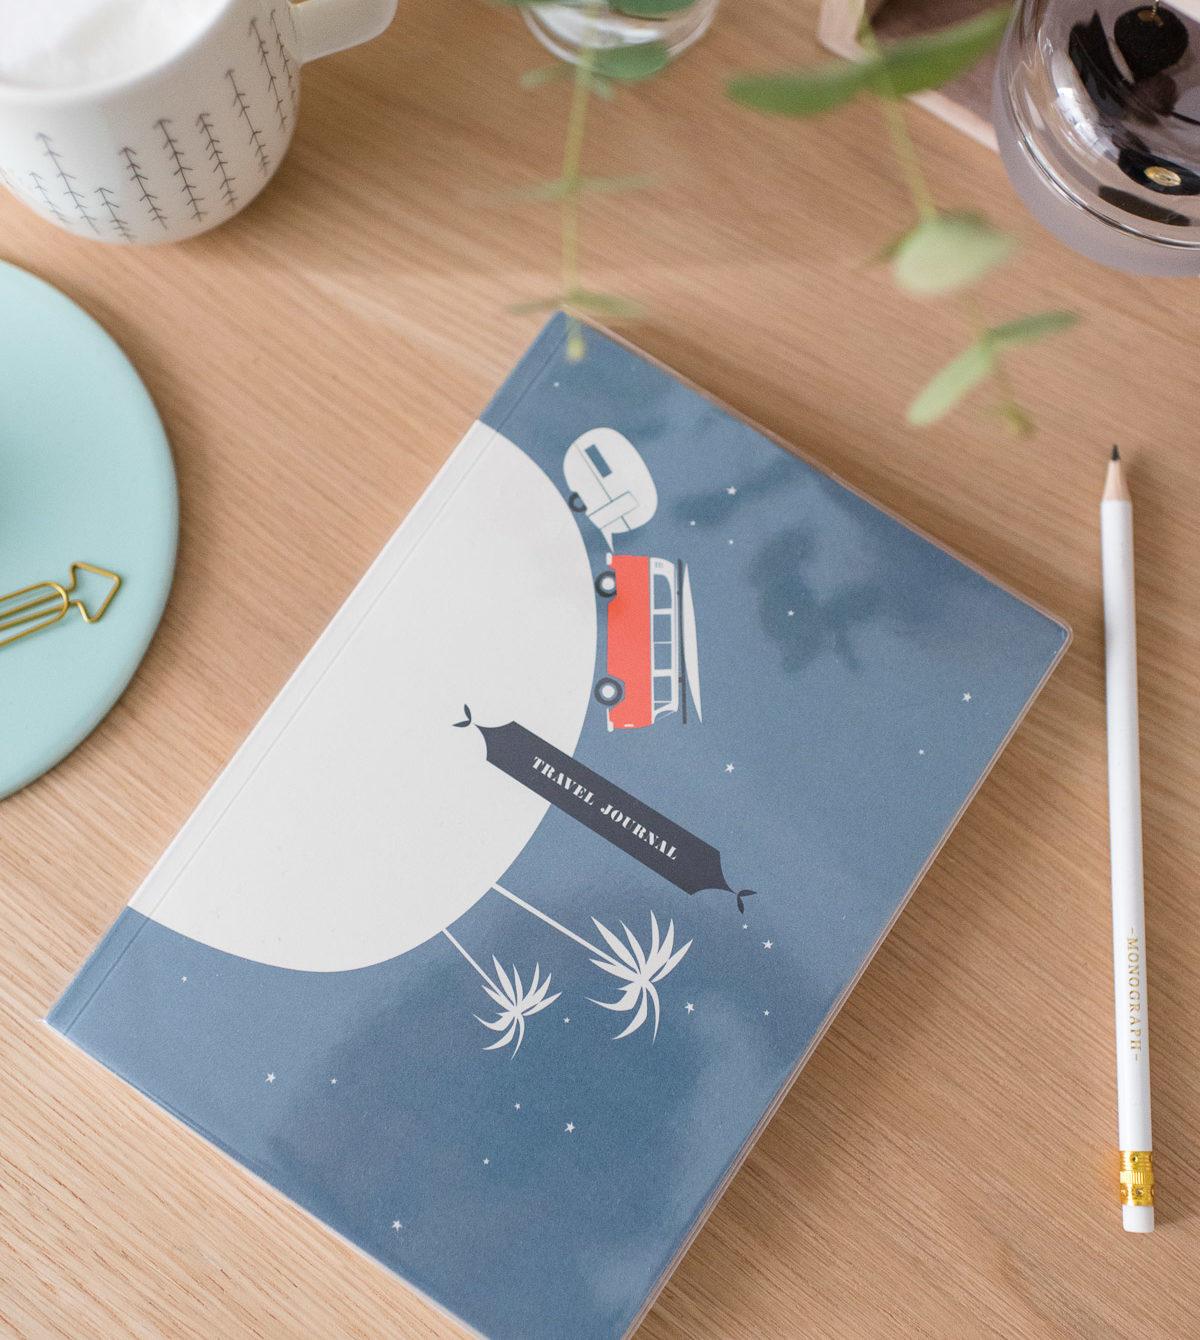 Papeterie Tagebücher fotografieren